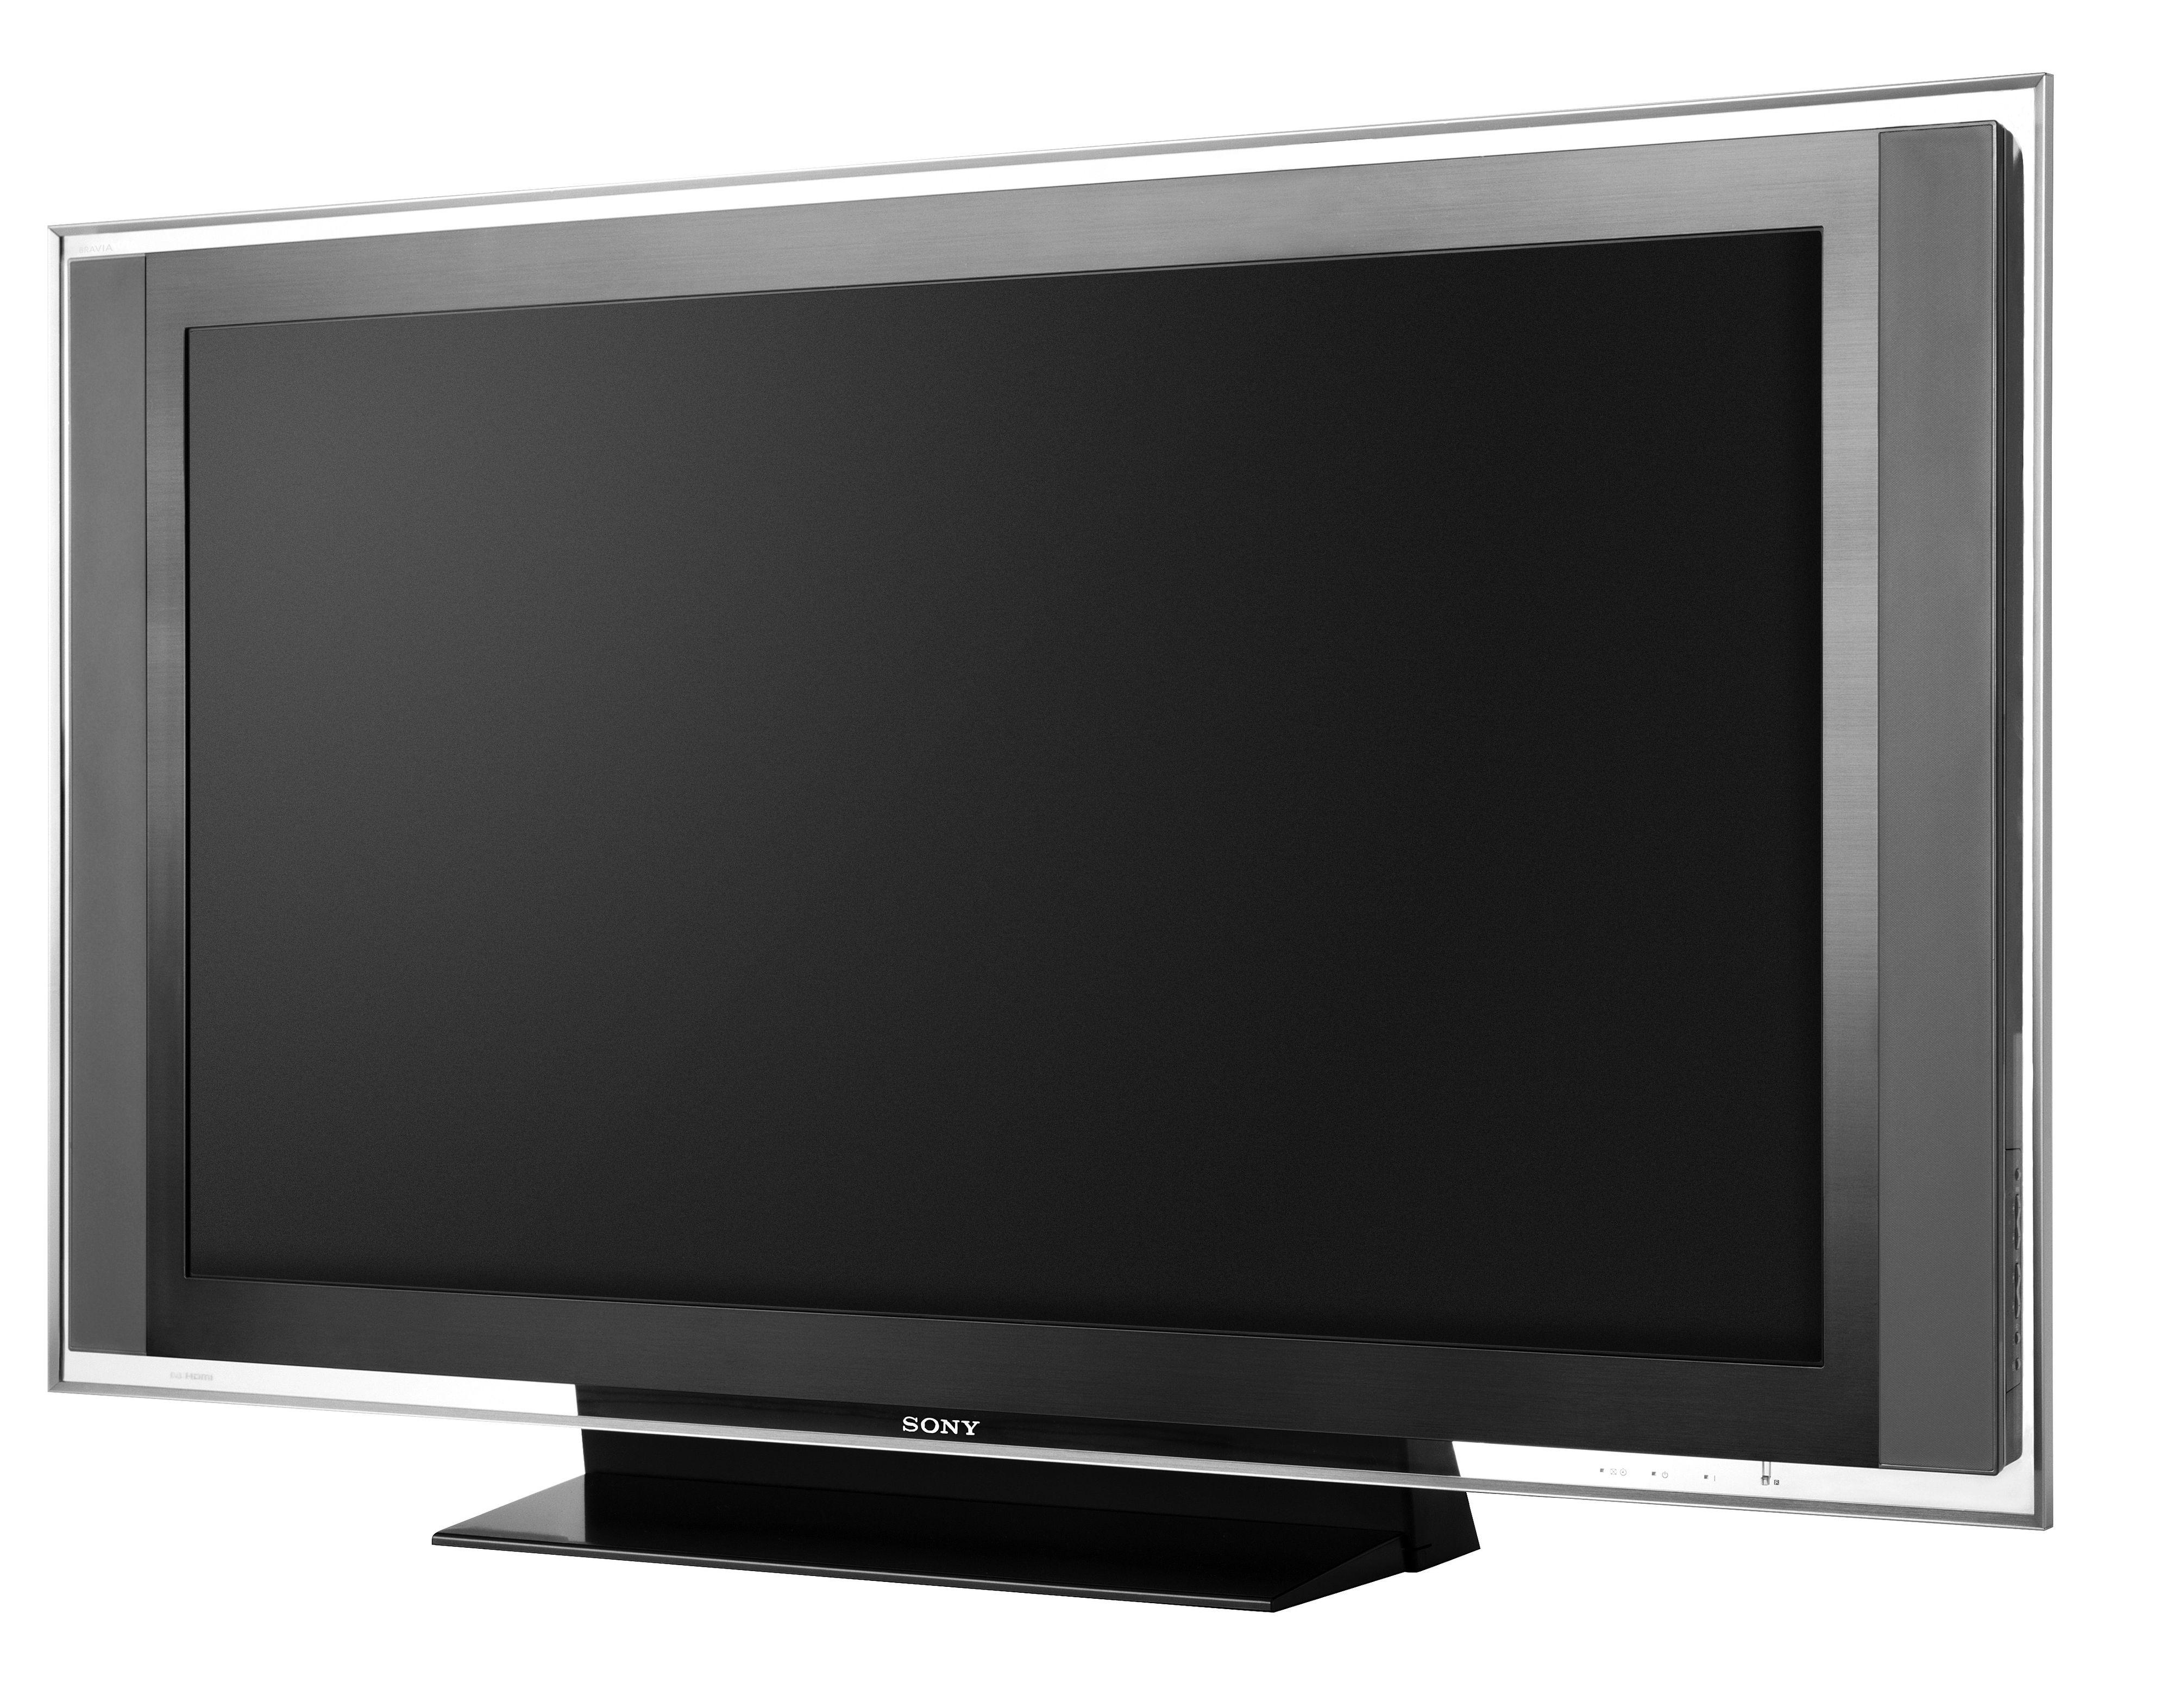 Sony KDL-52X3500 (Klikk for større bilde)